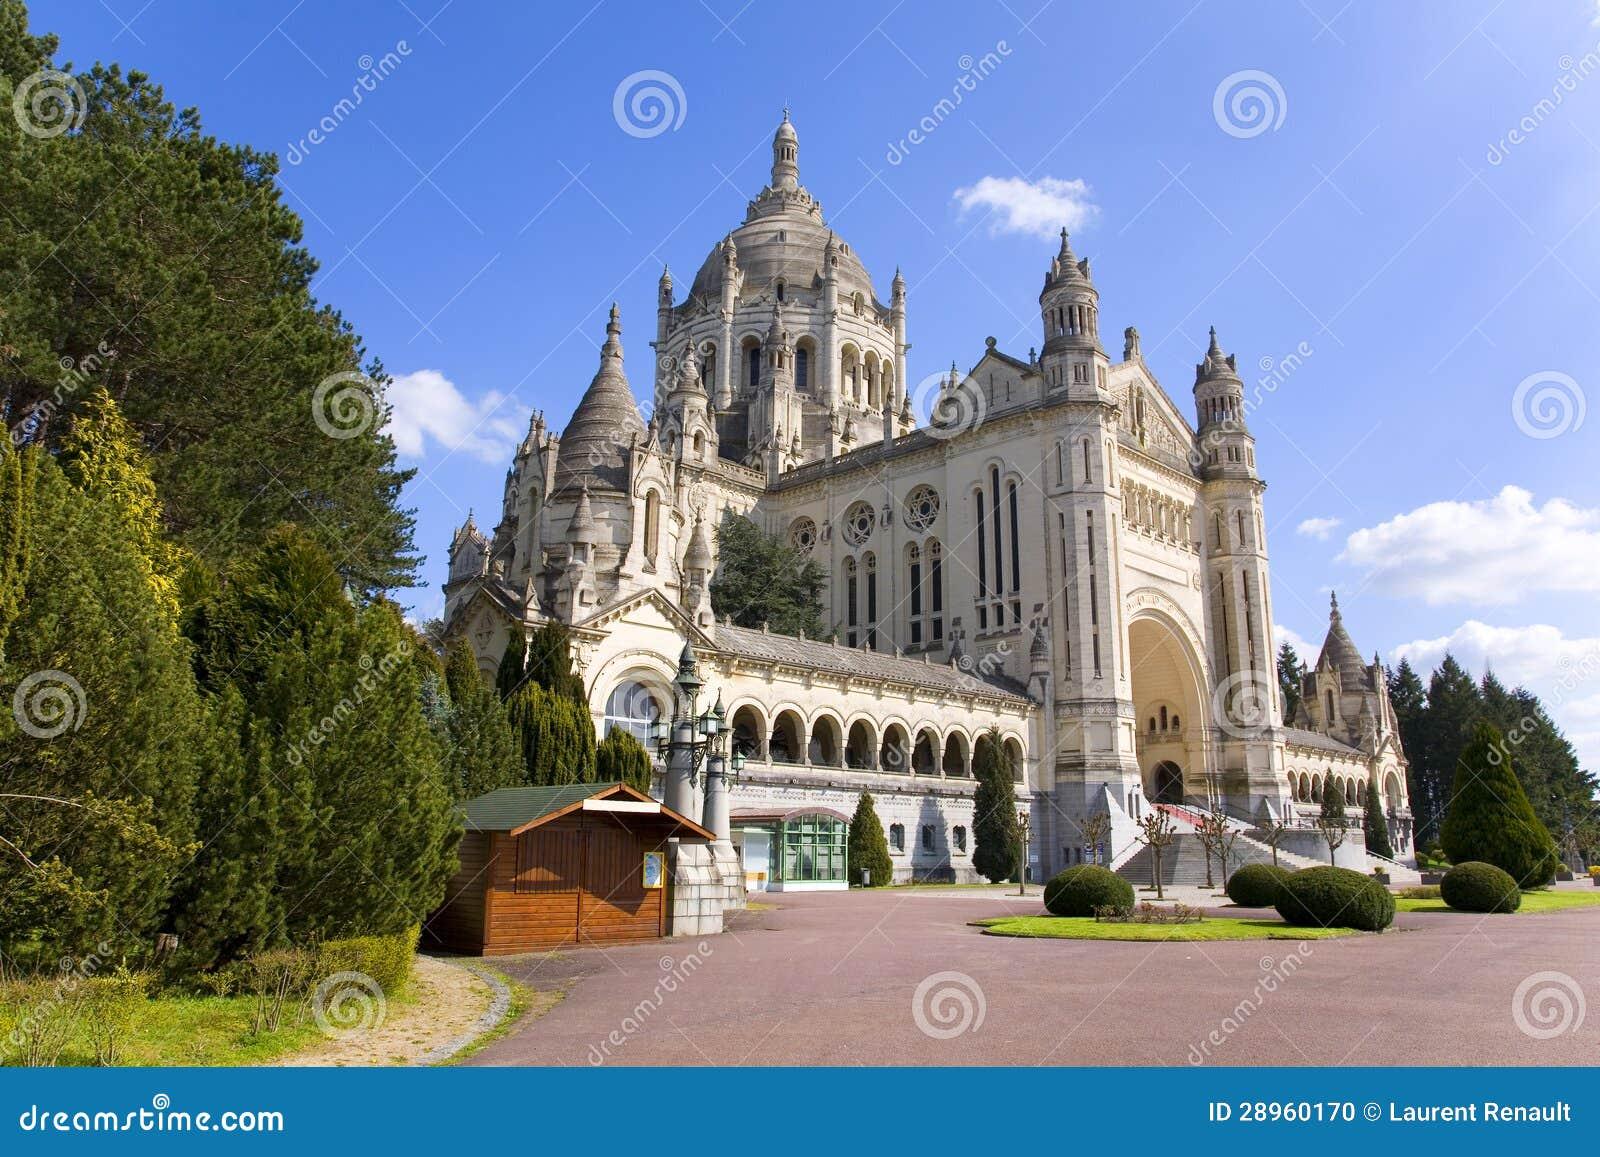 Lisieux France  city photos gallery : Basilique De Lisieux Normandie, France Photo stock Image: 28960170